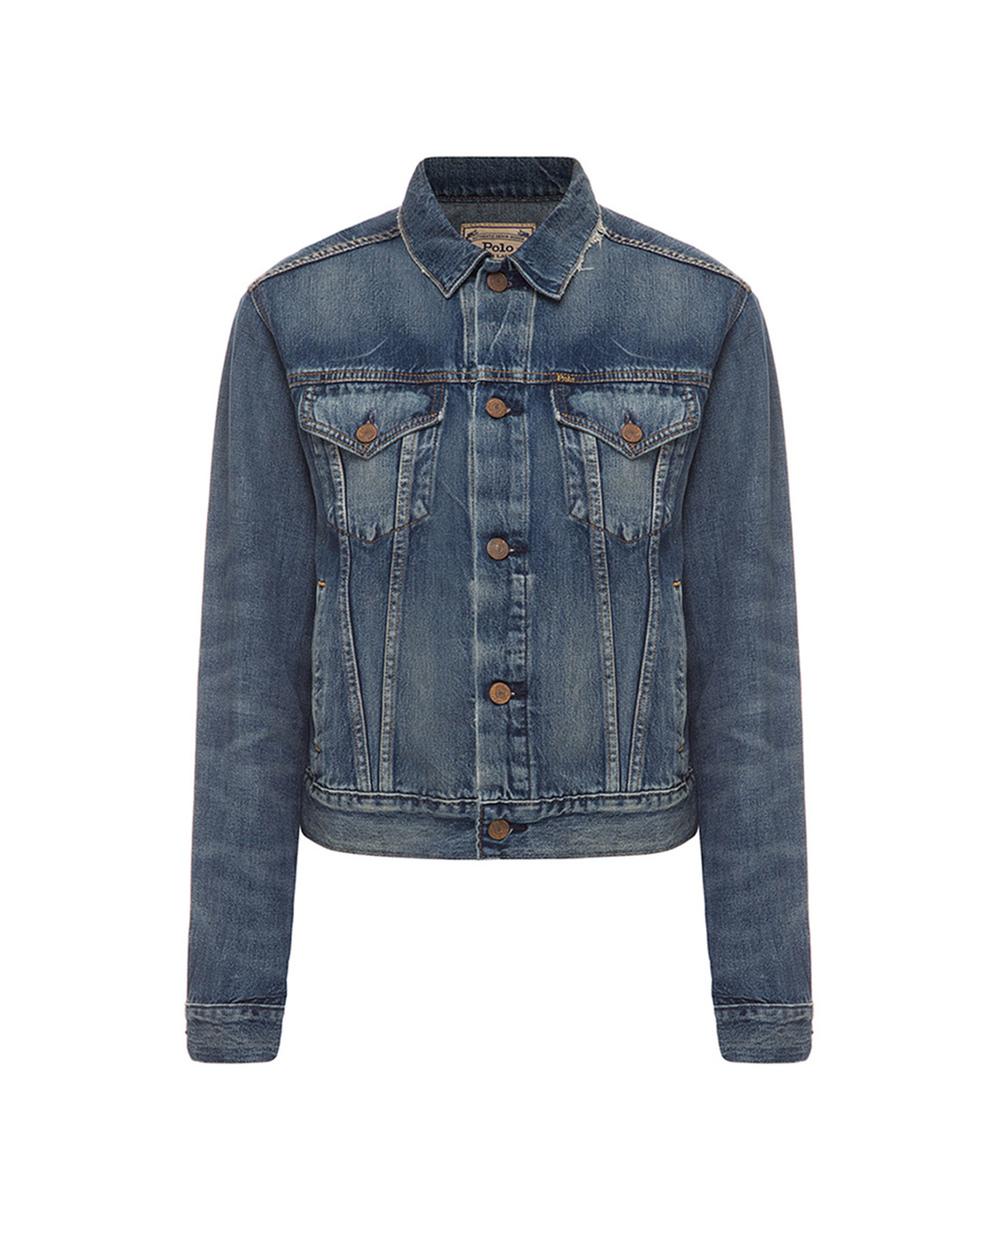 Джинсовая куртка Polo Ralph Lauren 211685967001FW19 — Kameron